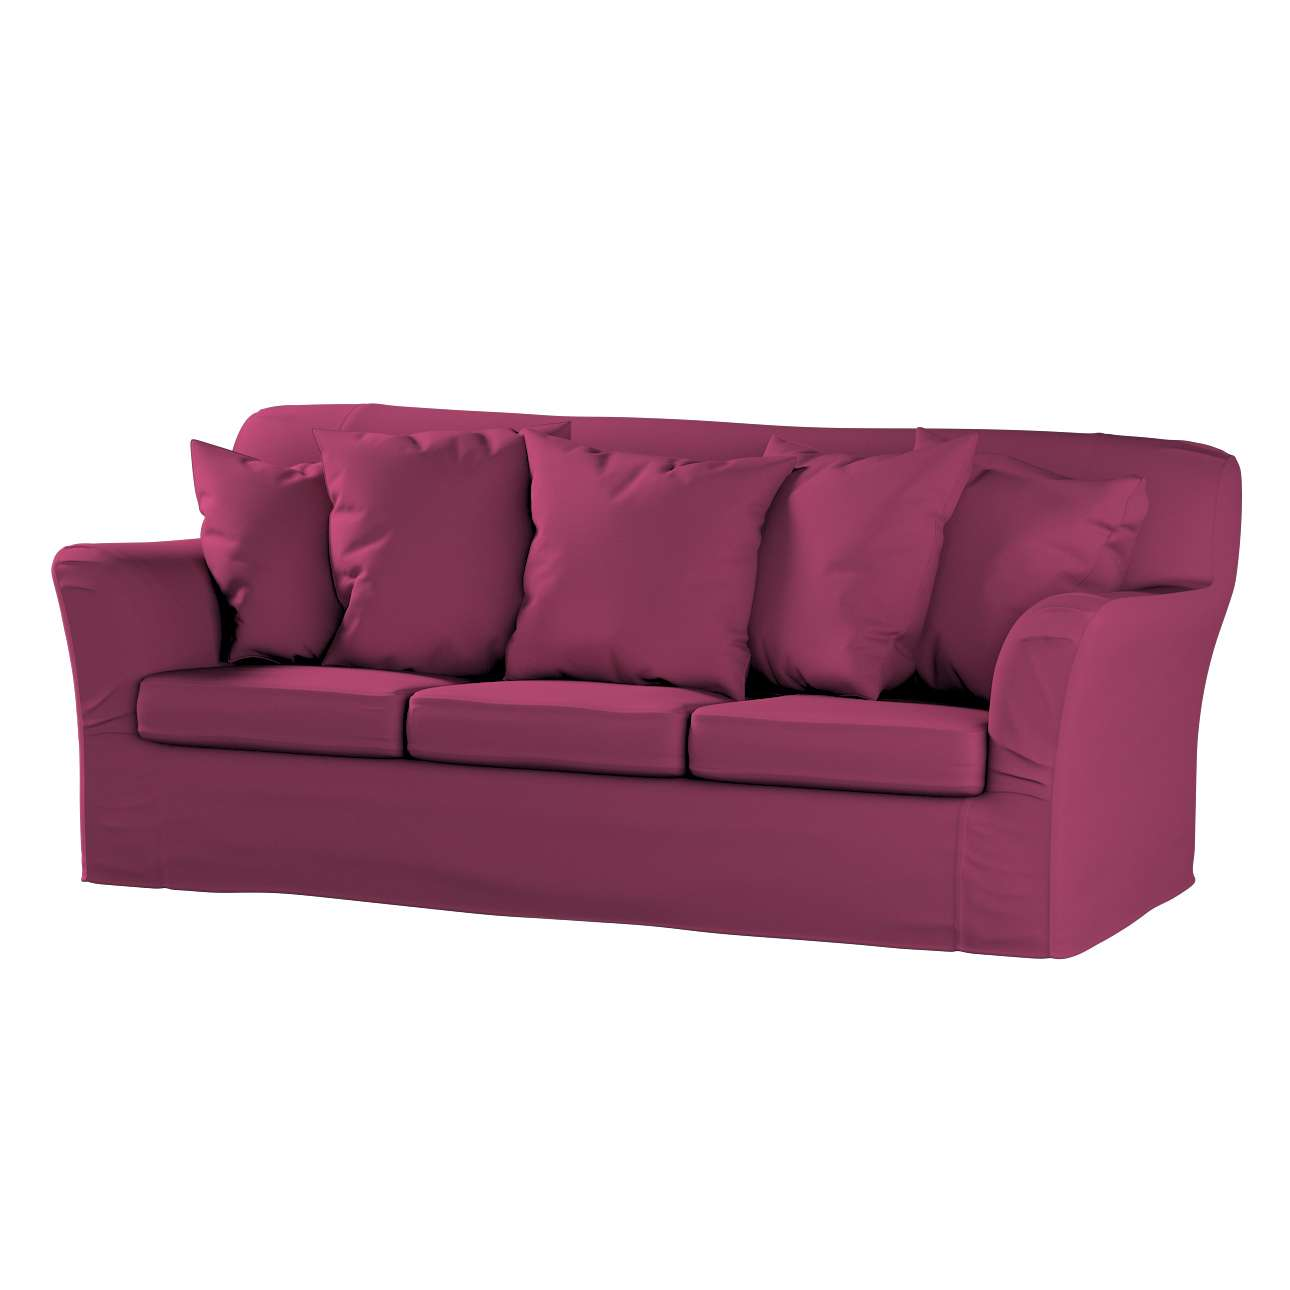 TOMELILLA  trivietės sofos užvalkalas TOMELILLA trivietė sofa kolekcijoje Cotton Panama, audinys: 702-32